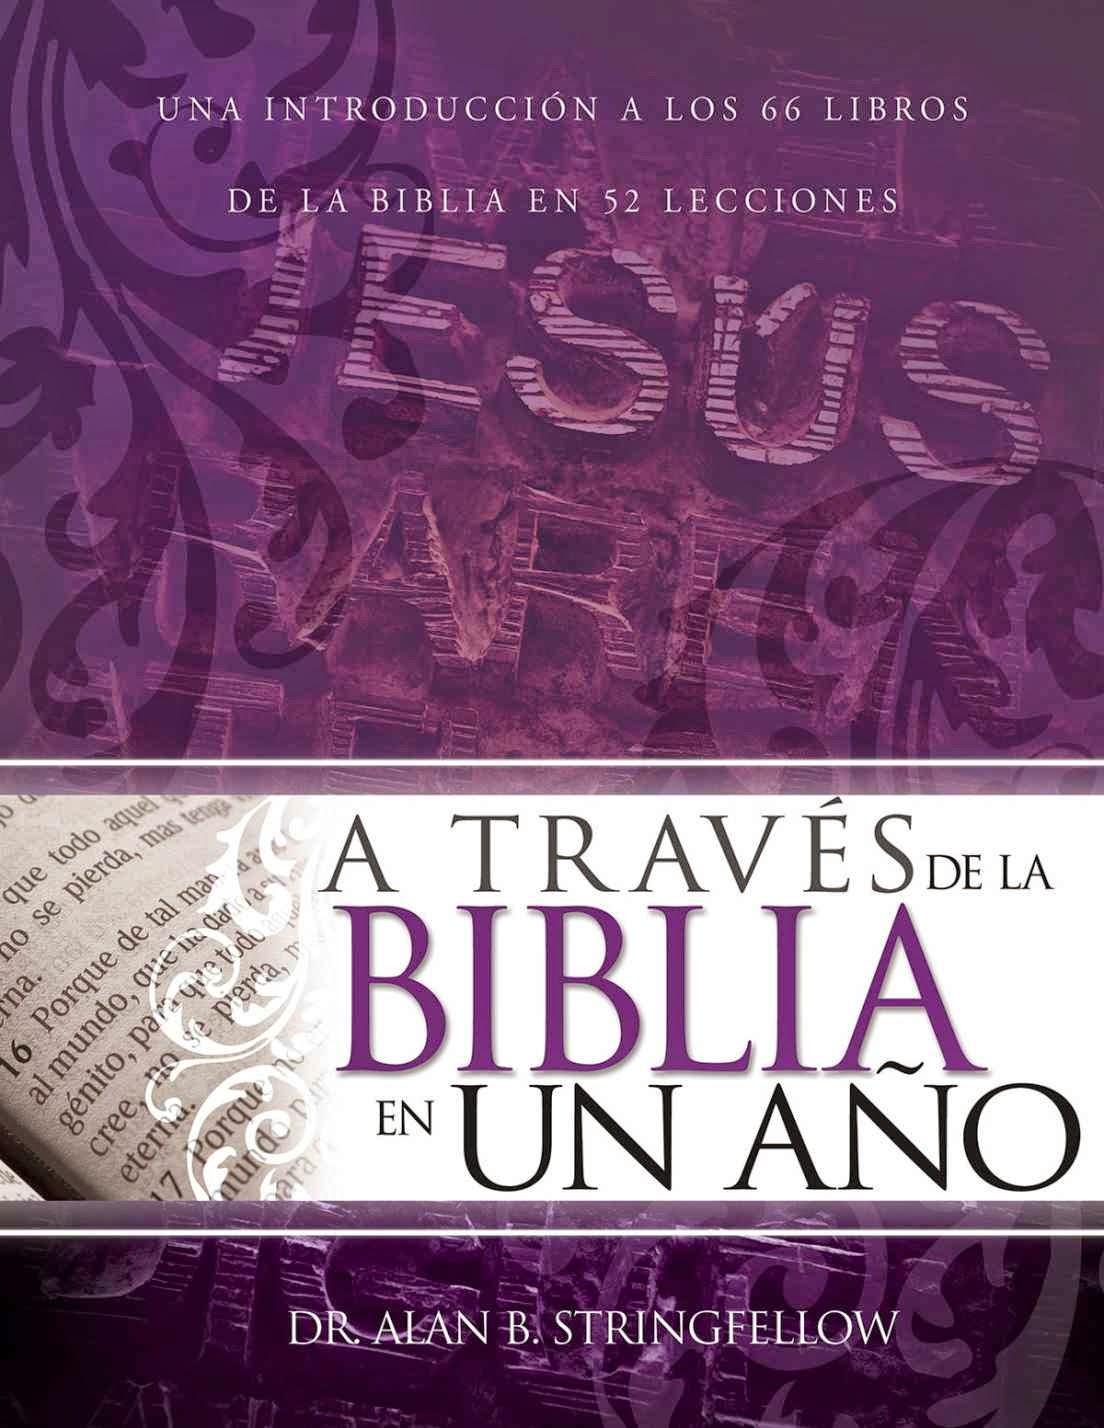 Alan Stringfellow-A Través De La Biblia En Un Año-